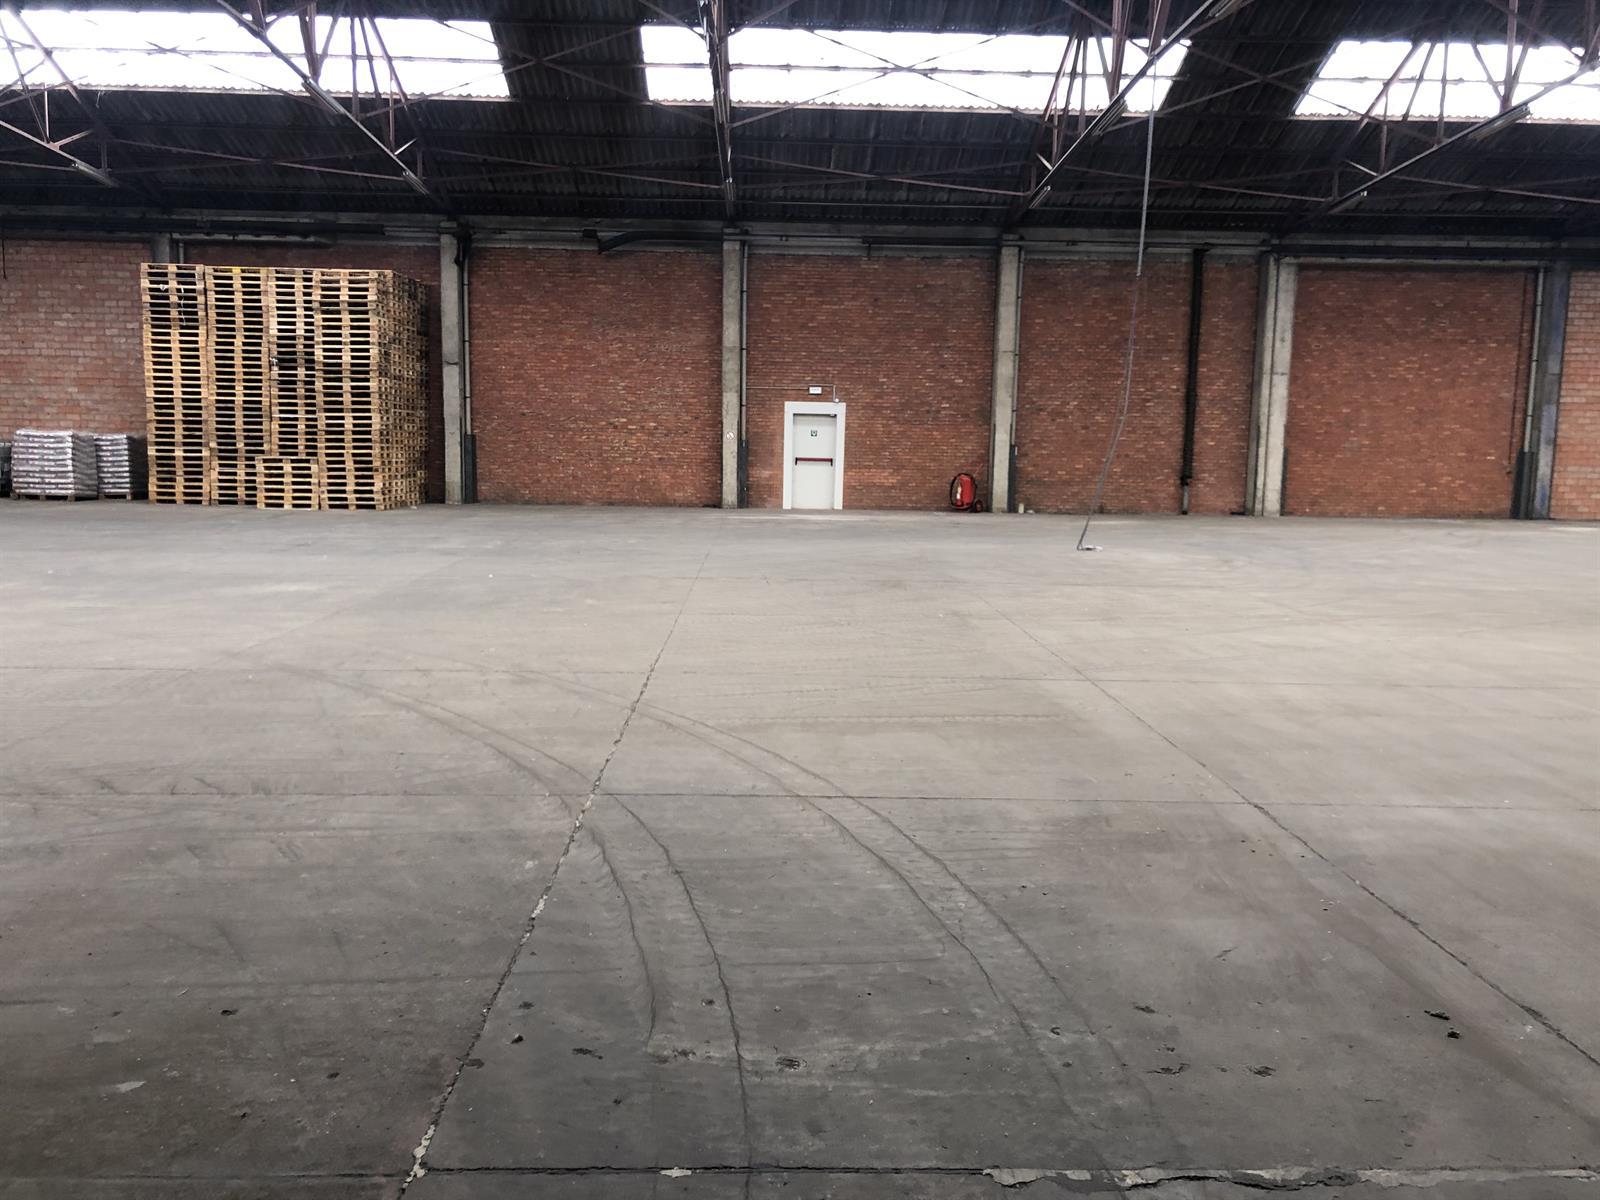 kantoor te huur K001 - Wilmarsdonksteenweg 11, 2030 Antwerpen, België 16